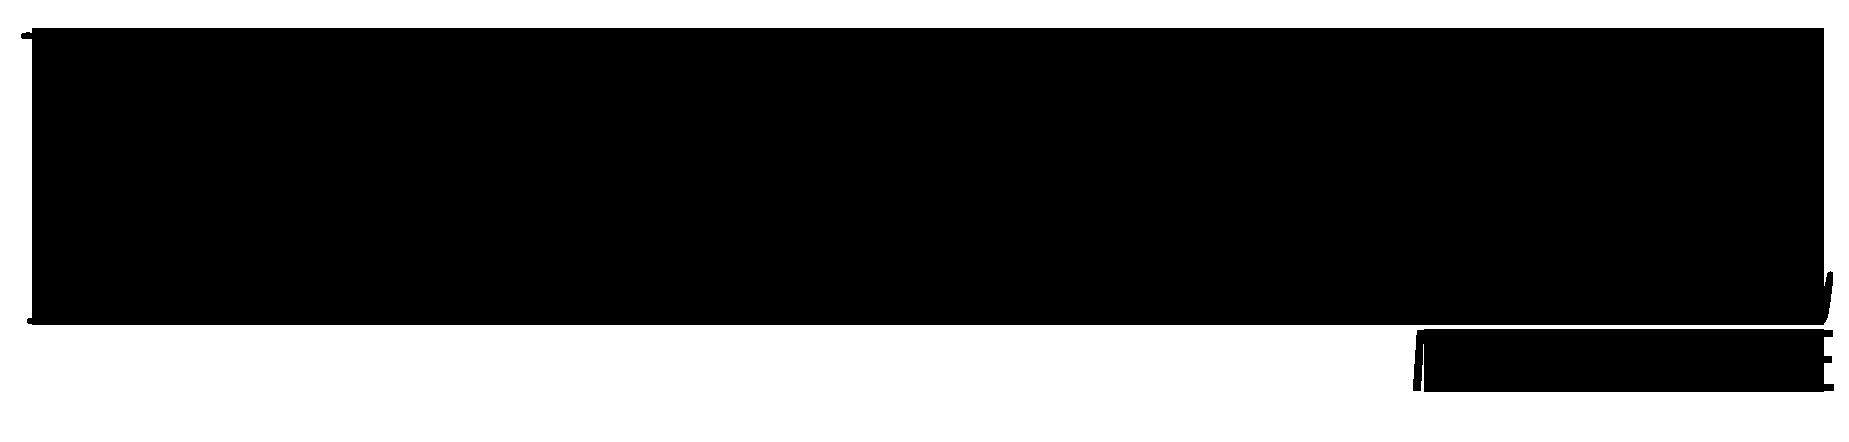 blkletters-transparent-background-logo.png